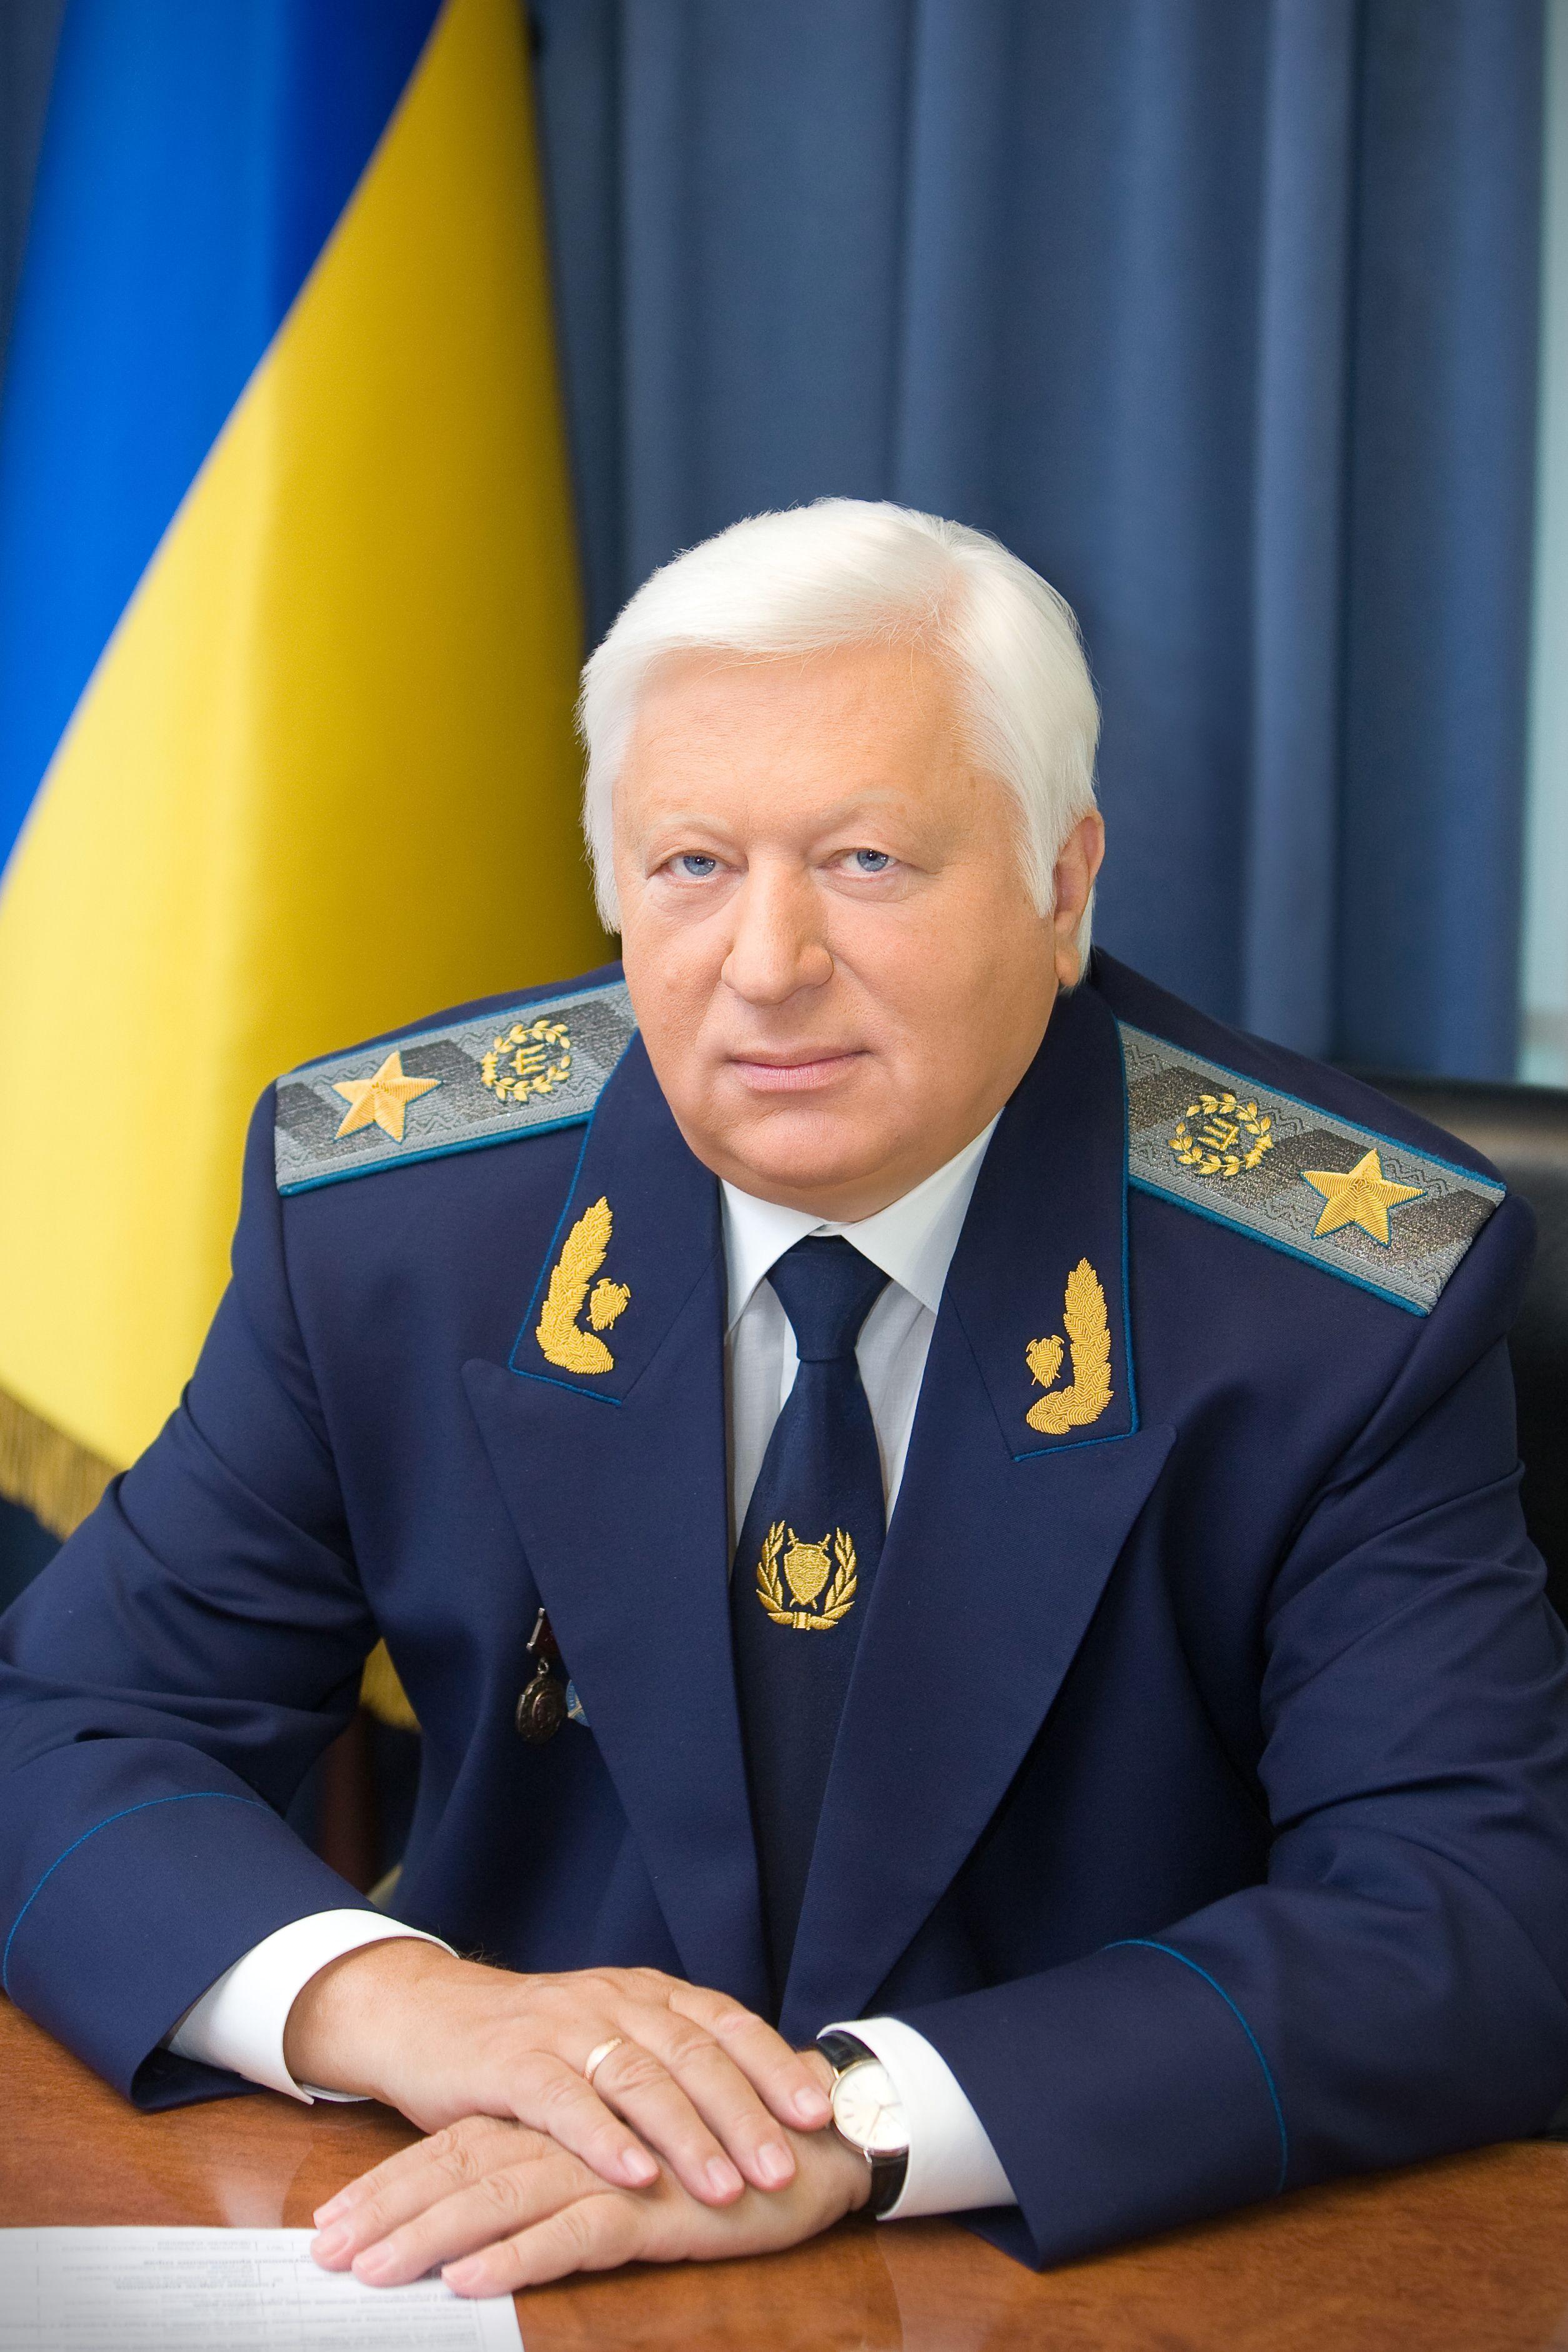 Генеральный прокурор Виктор Пшонка